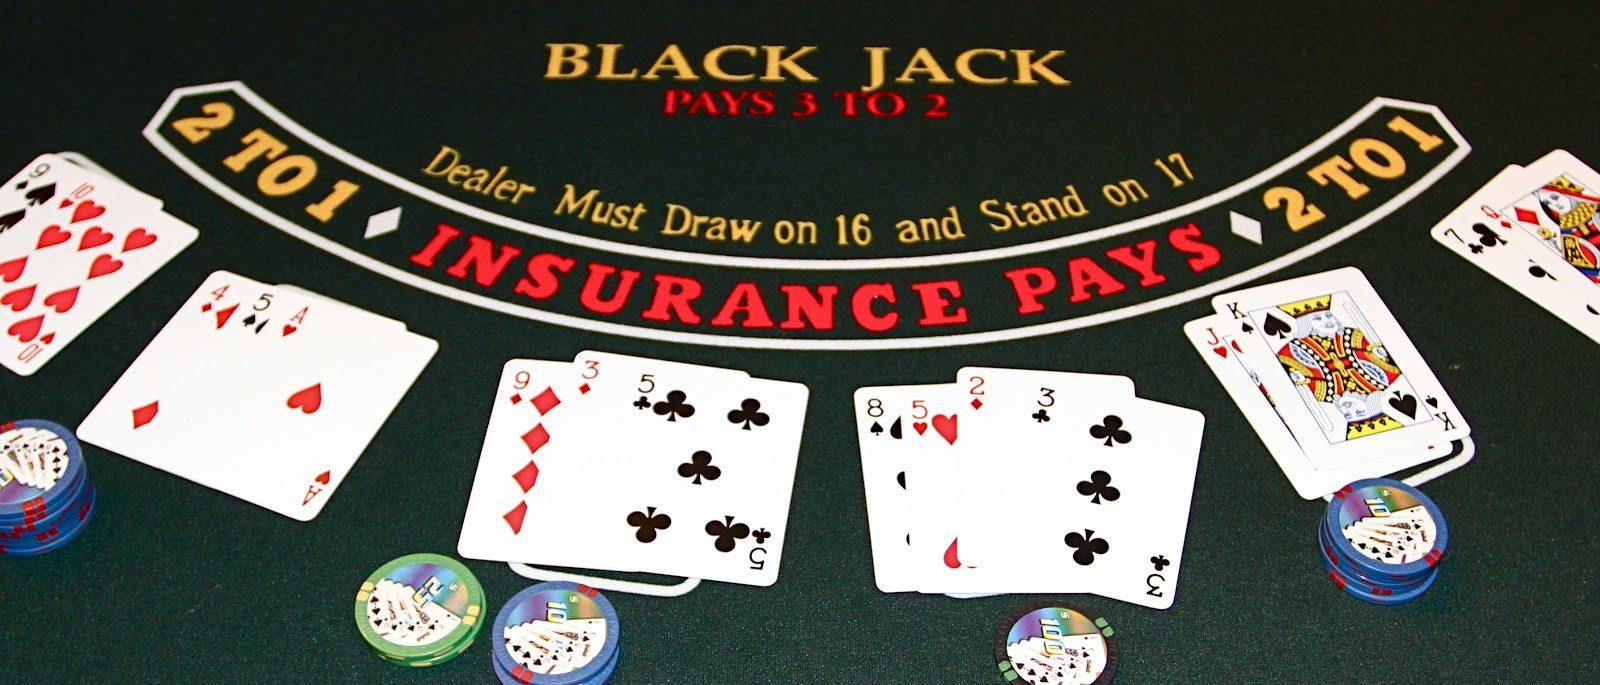 chơi blackjack game bài đổi thưởng go88